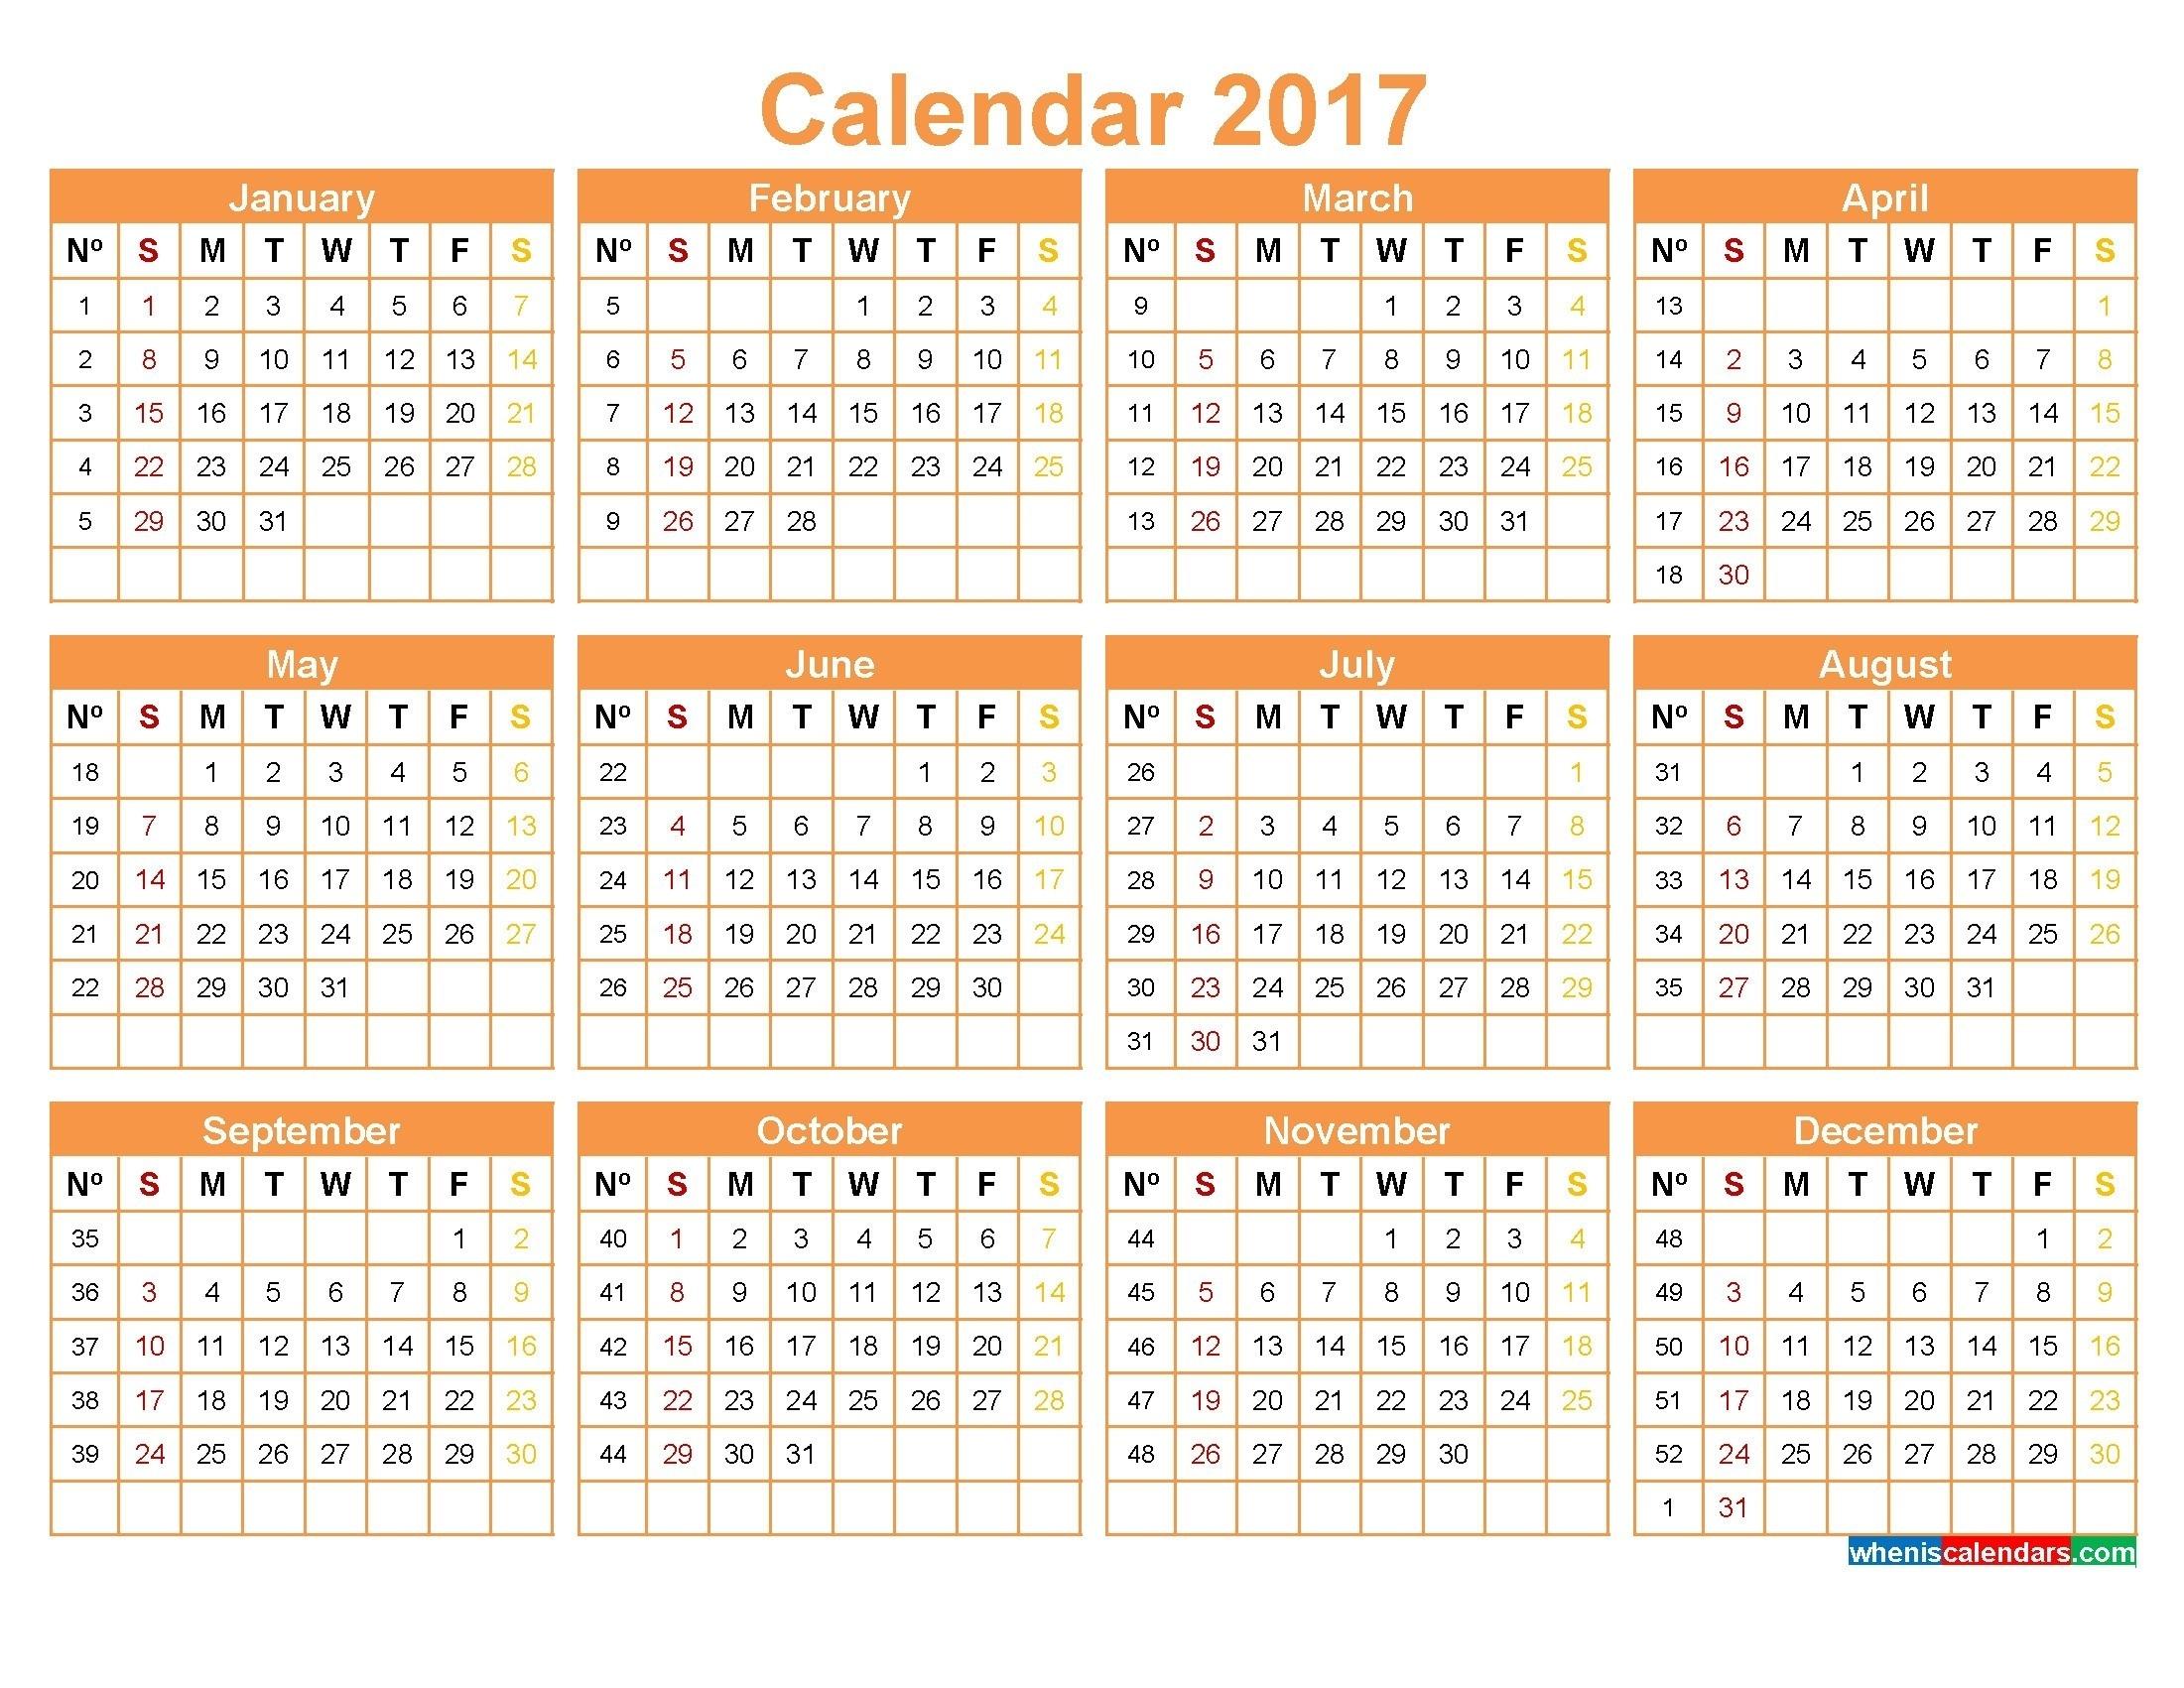 Julian Date Calendar 15 2201X1701 - Bi-Brucker-Holz.de  Military Julian Calendar 2020 Printable